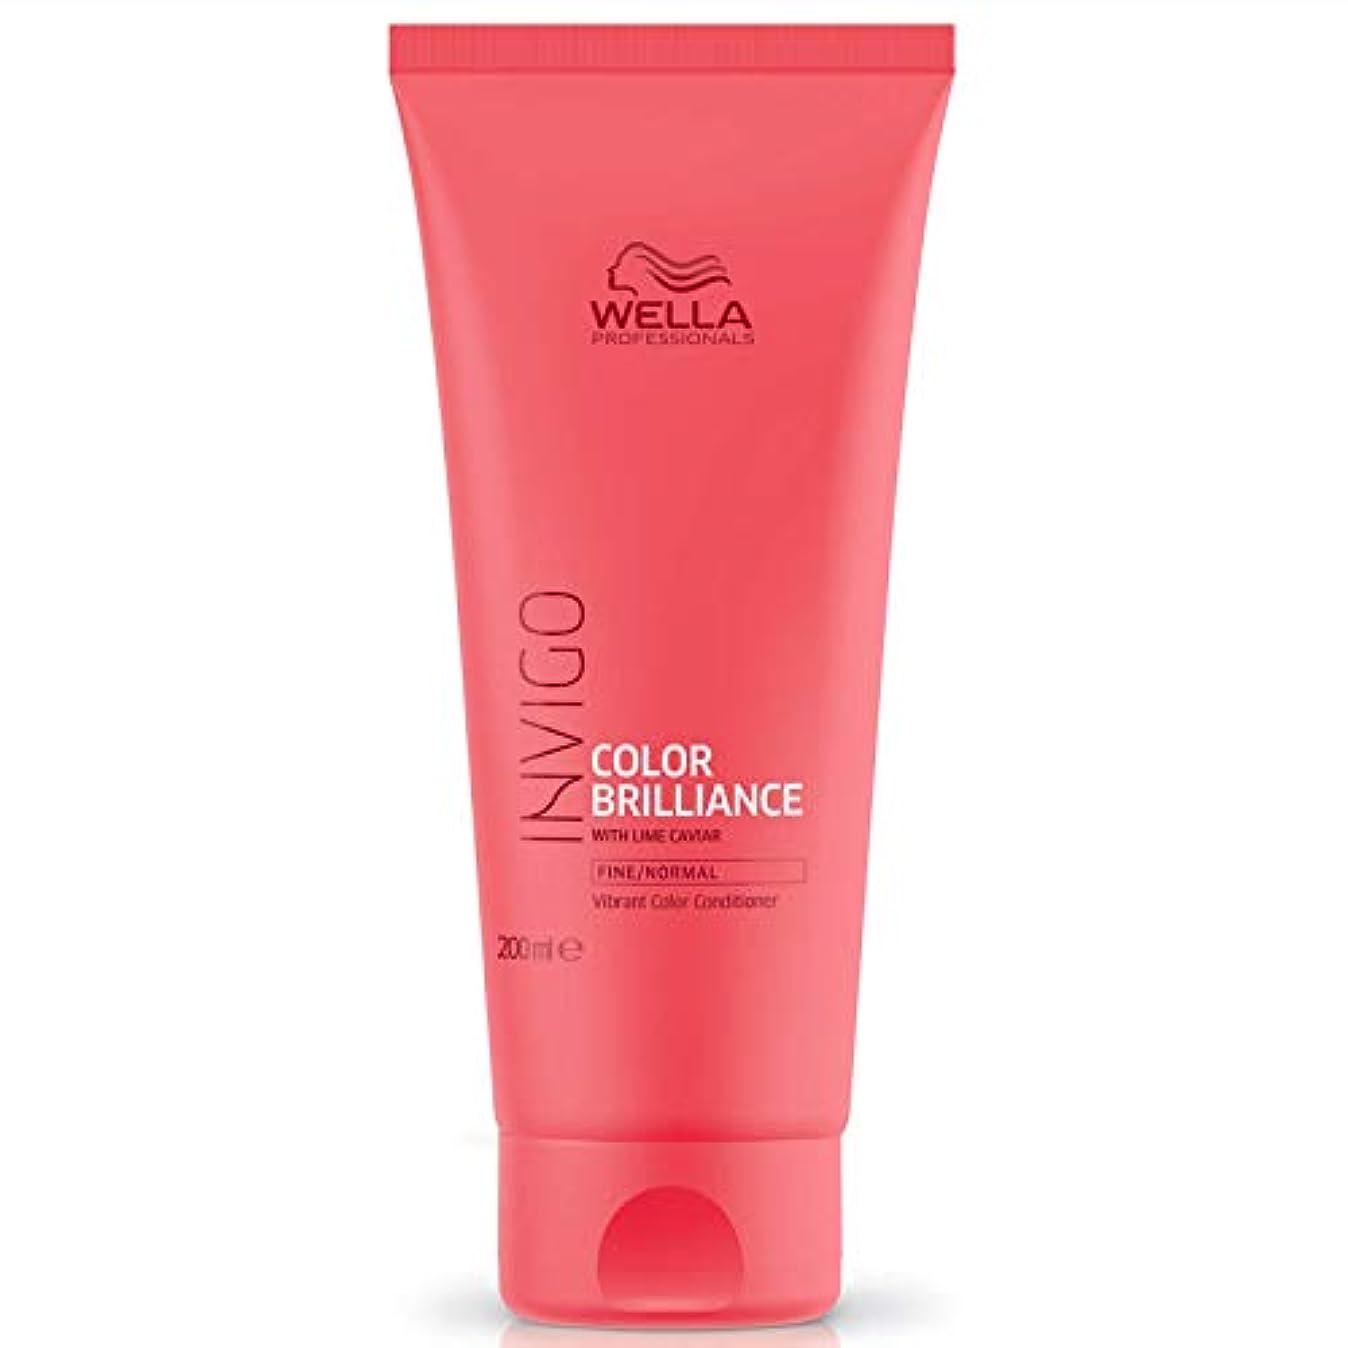 泣いている死傷者ベアリングサークルウエラ インヴィゴ ファイン/ノーマル カラー コンディショナー Wella Invigo Color Brilliance With Lime Caviar Fine/Normal Vibrant Color Conditioner...